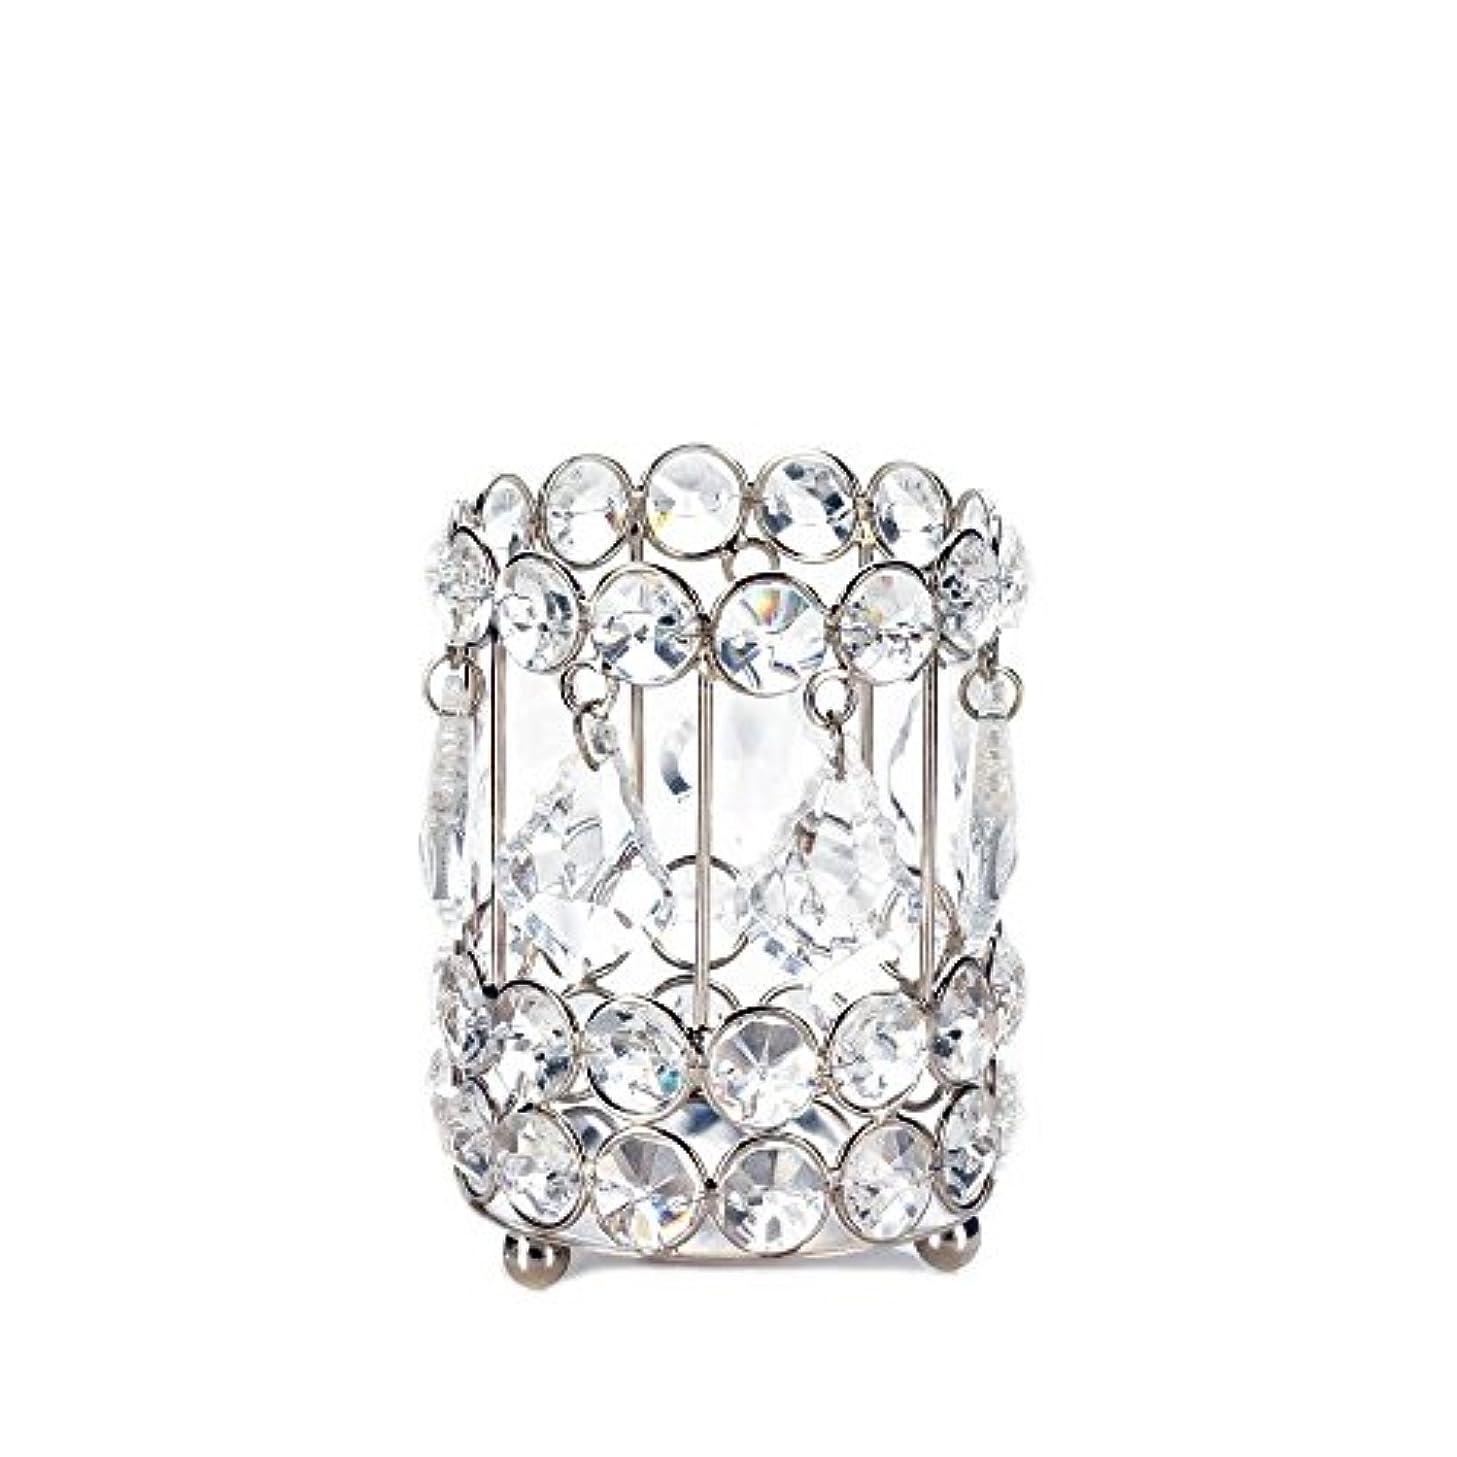 真実サーバント合計Gallery of Light 10018136 Super Bling Crystal Drops Candle Holder - 4 in.